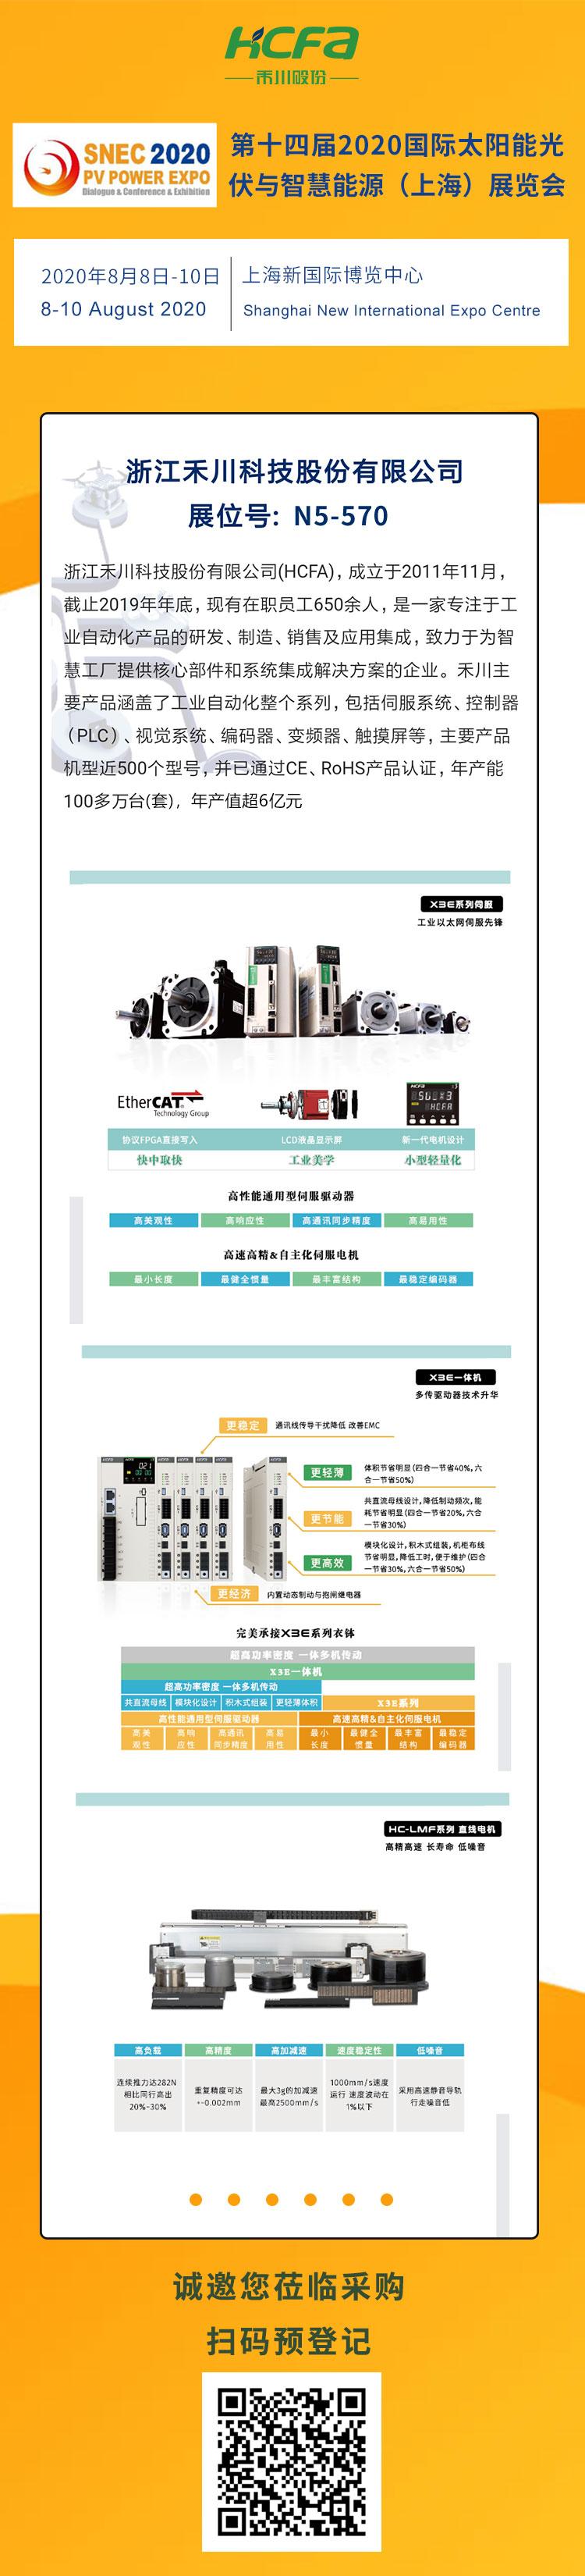 禾川智造|邀您共赏 第十四届2020国际太阳能光伏与智慧能源(上海)展览会